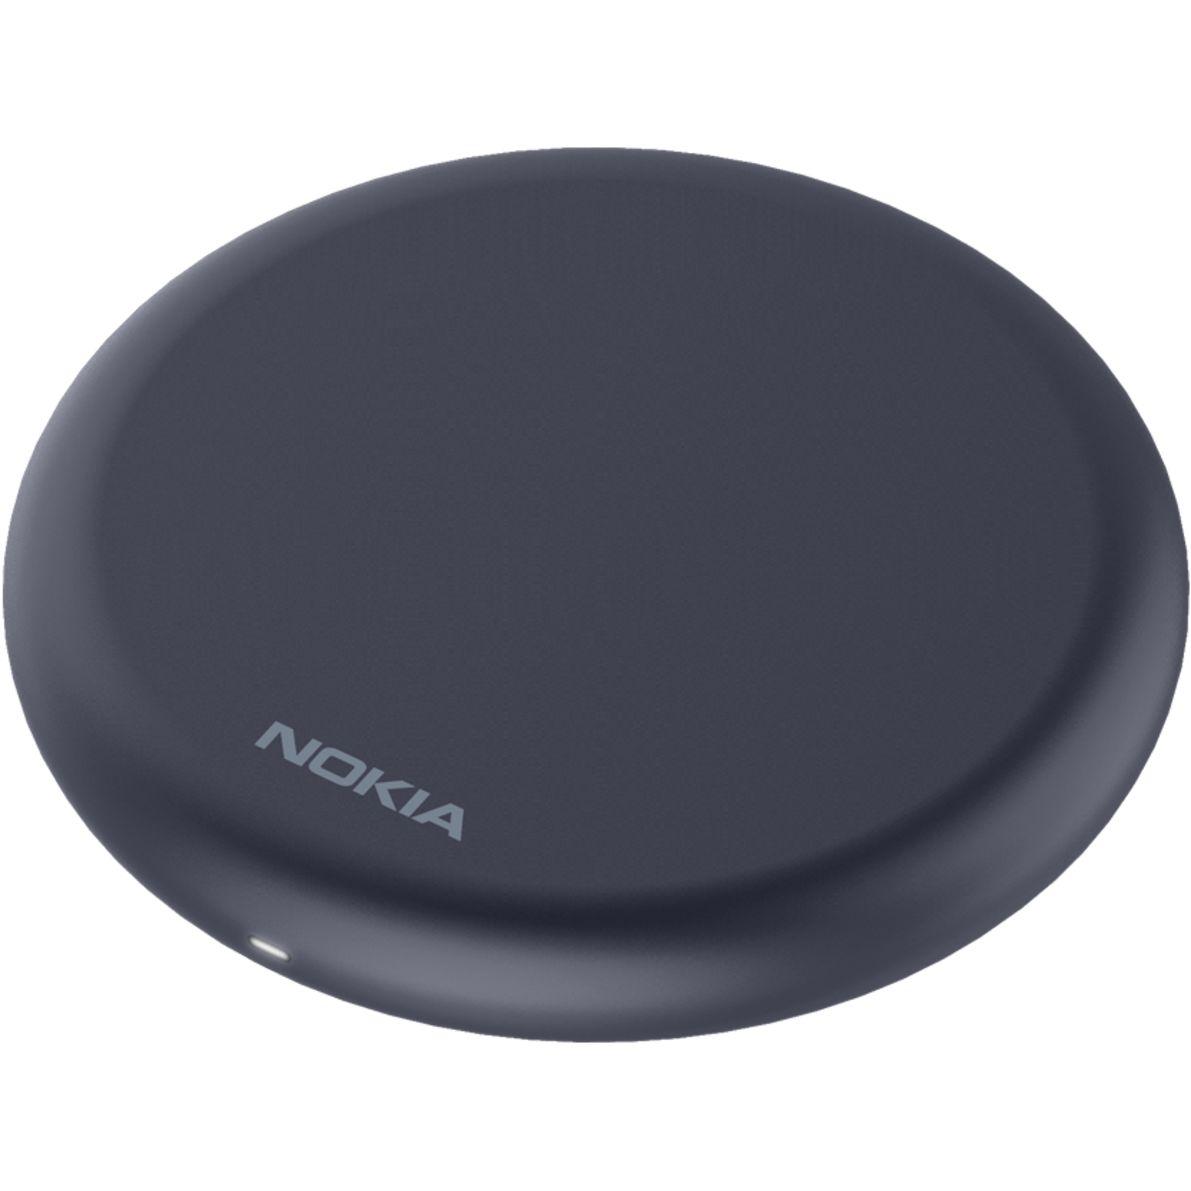 Cargador inalámbrico Nokia